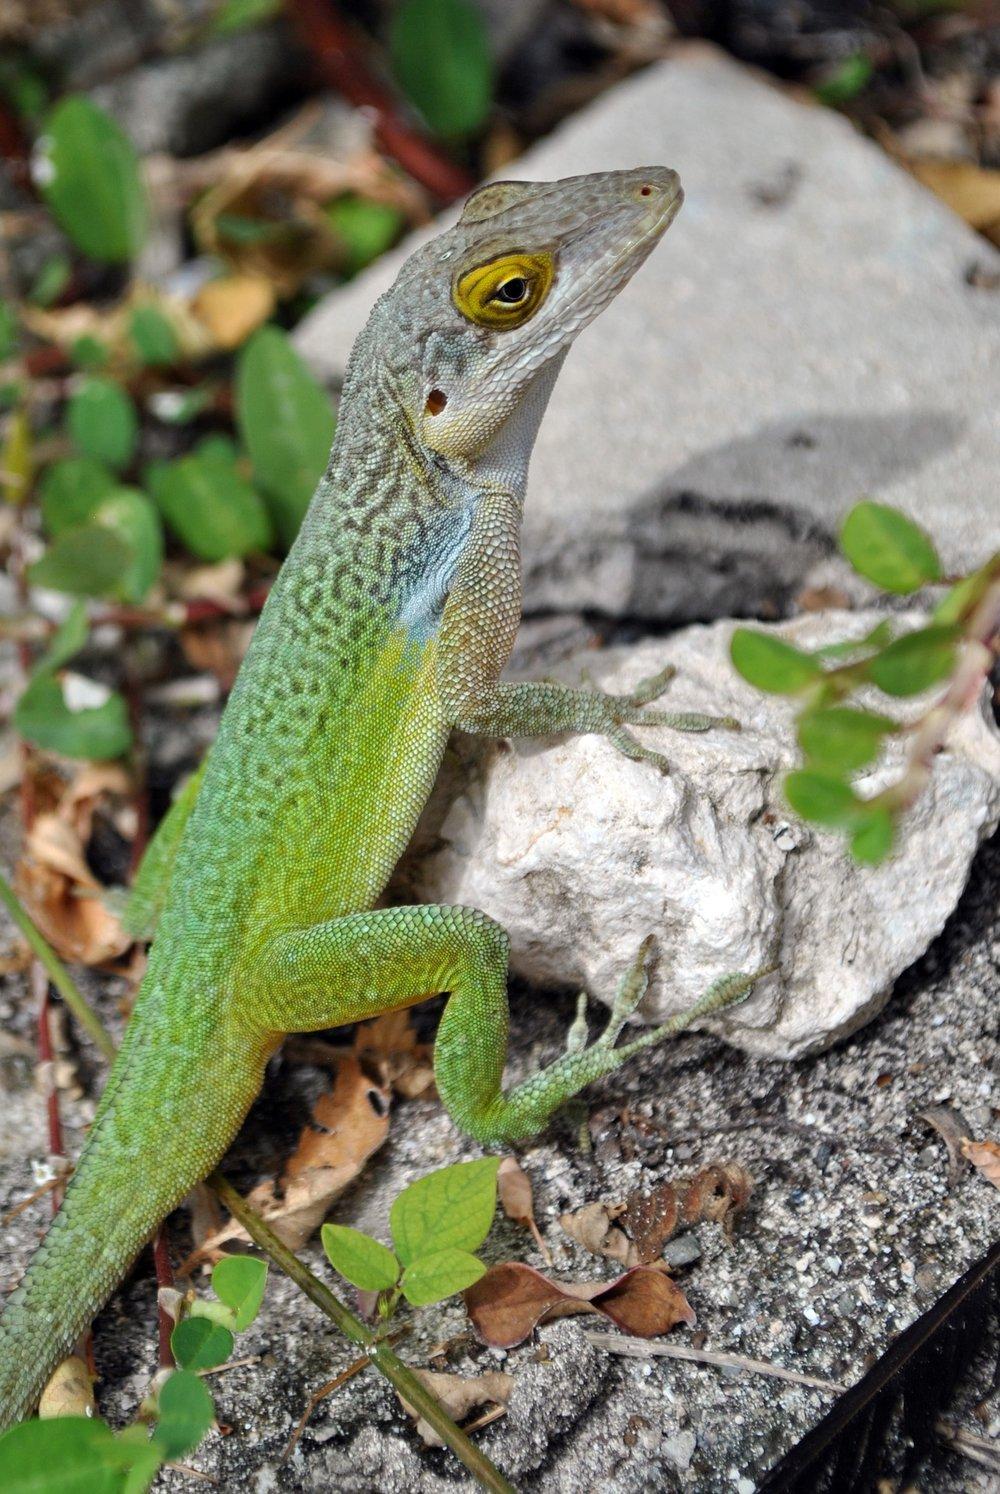 lizard-2011385_1920.jpg